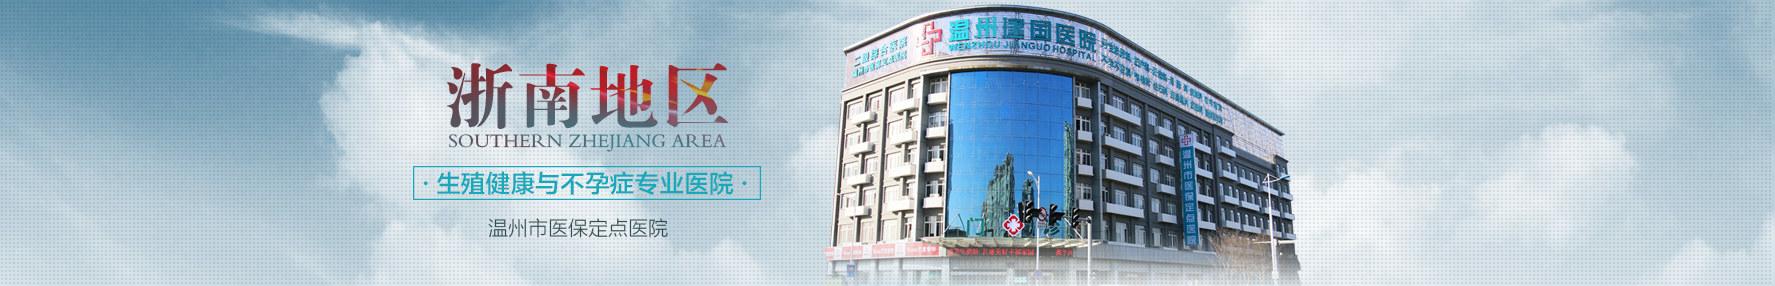 温州建国在线视频偷国产精品